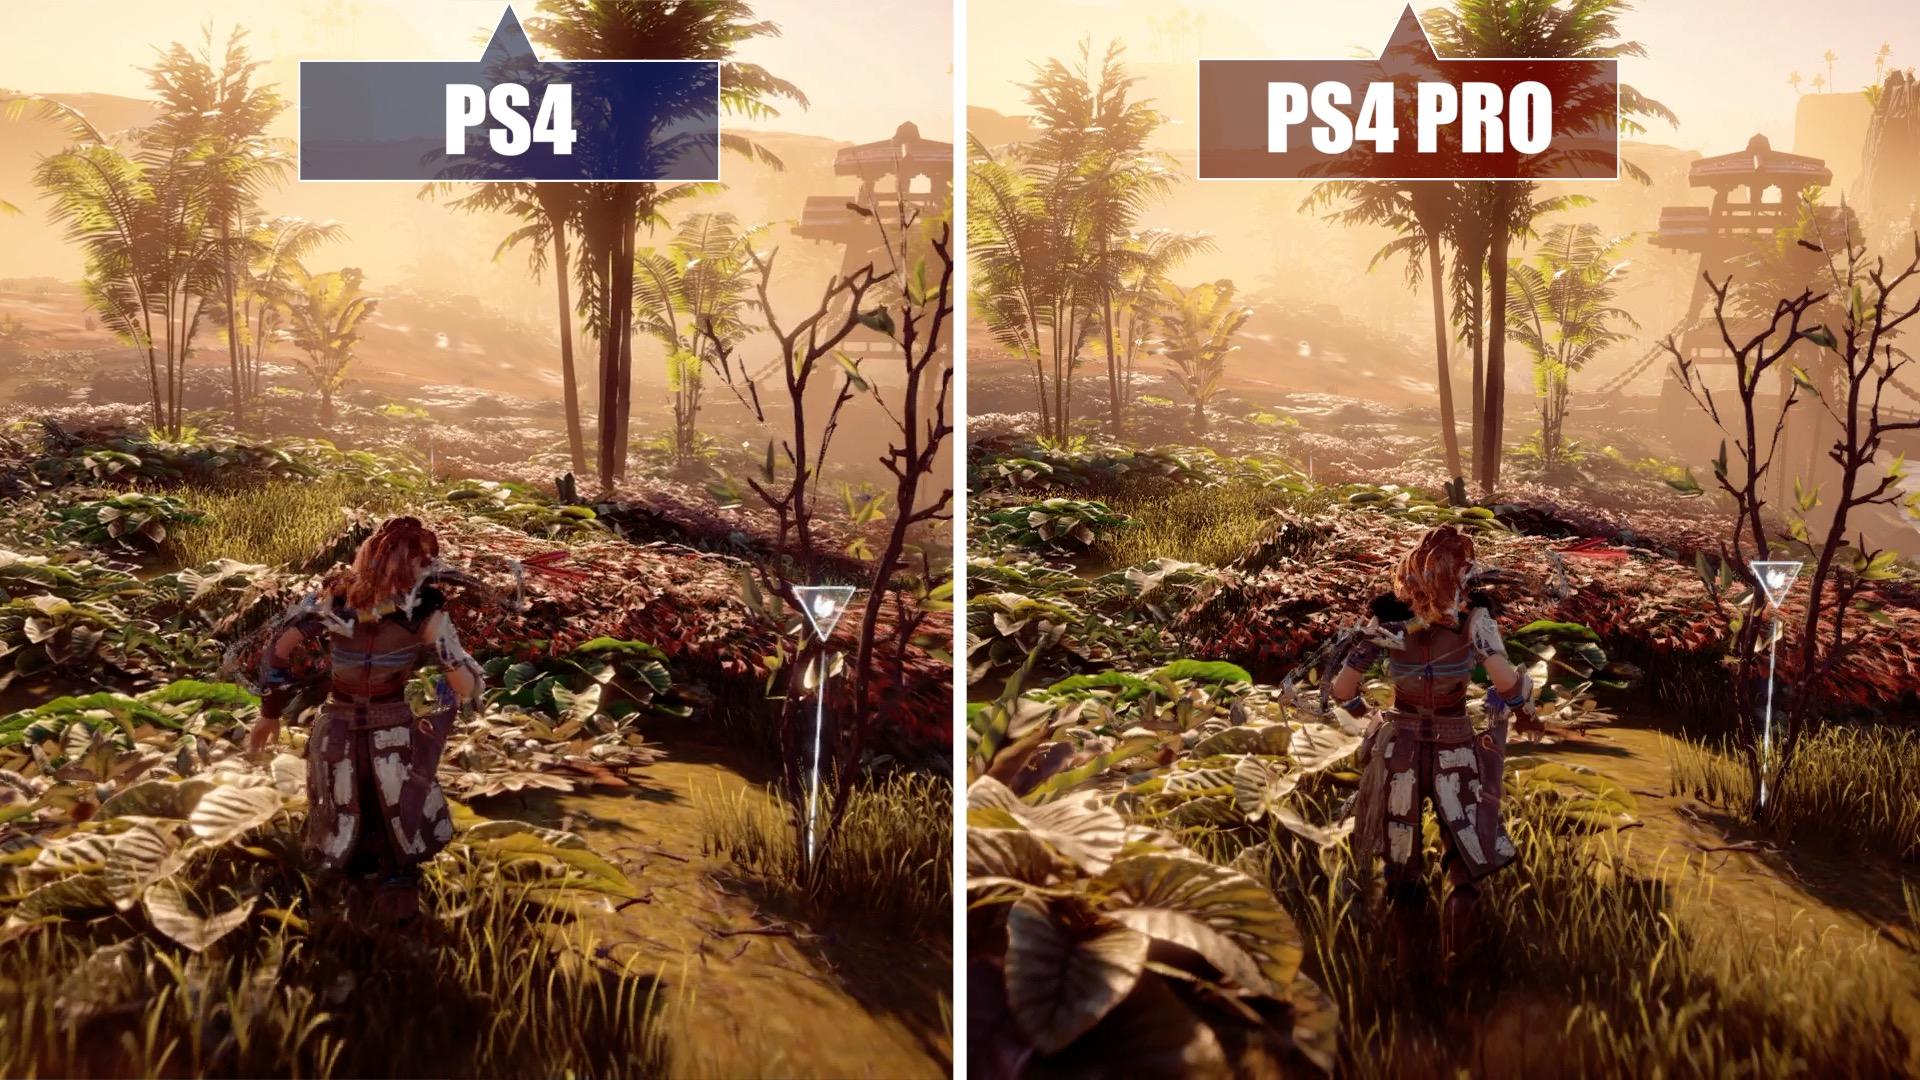 Horizon Zero Dawn Ps4 Gegen Pro Im Grafik Vergleich Sony Playstation 4 Collector Edition